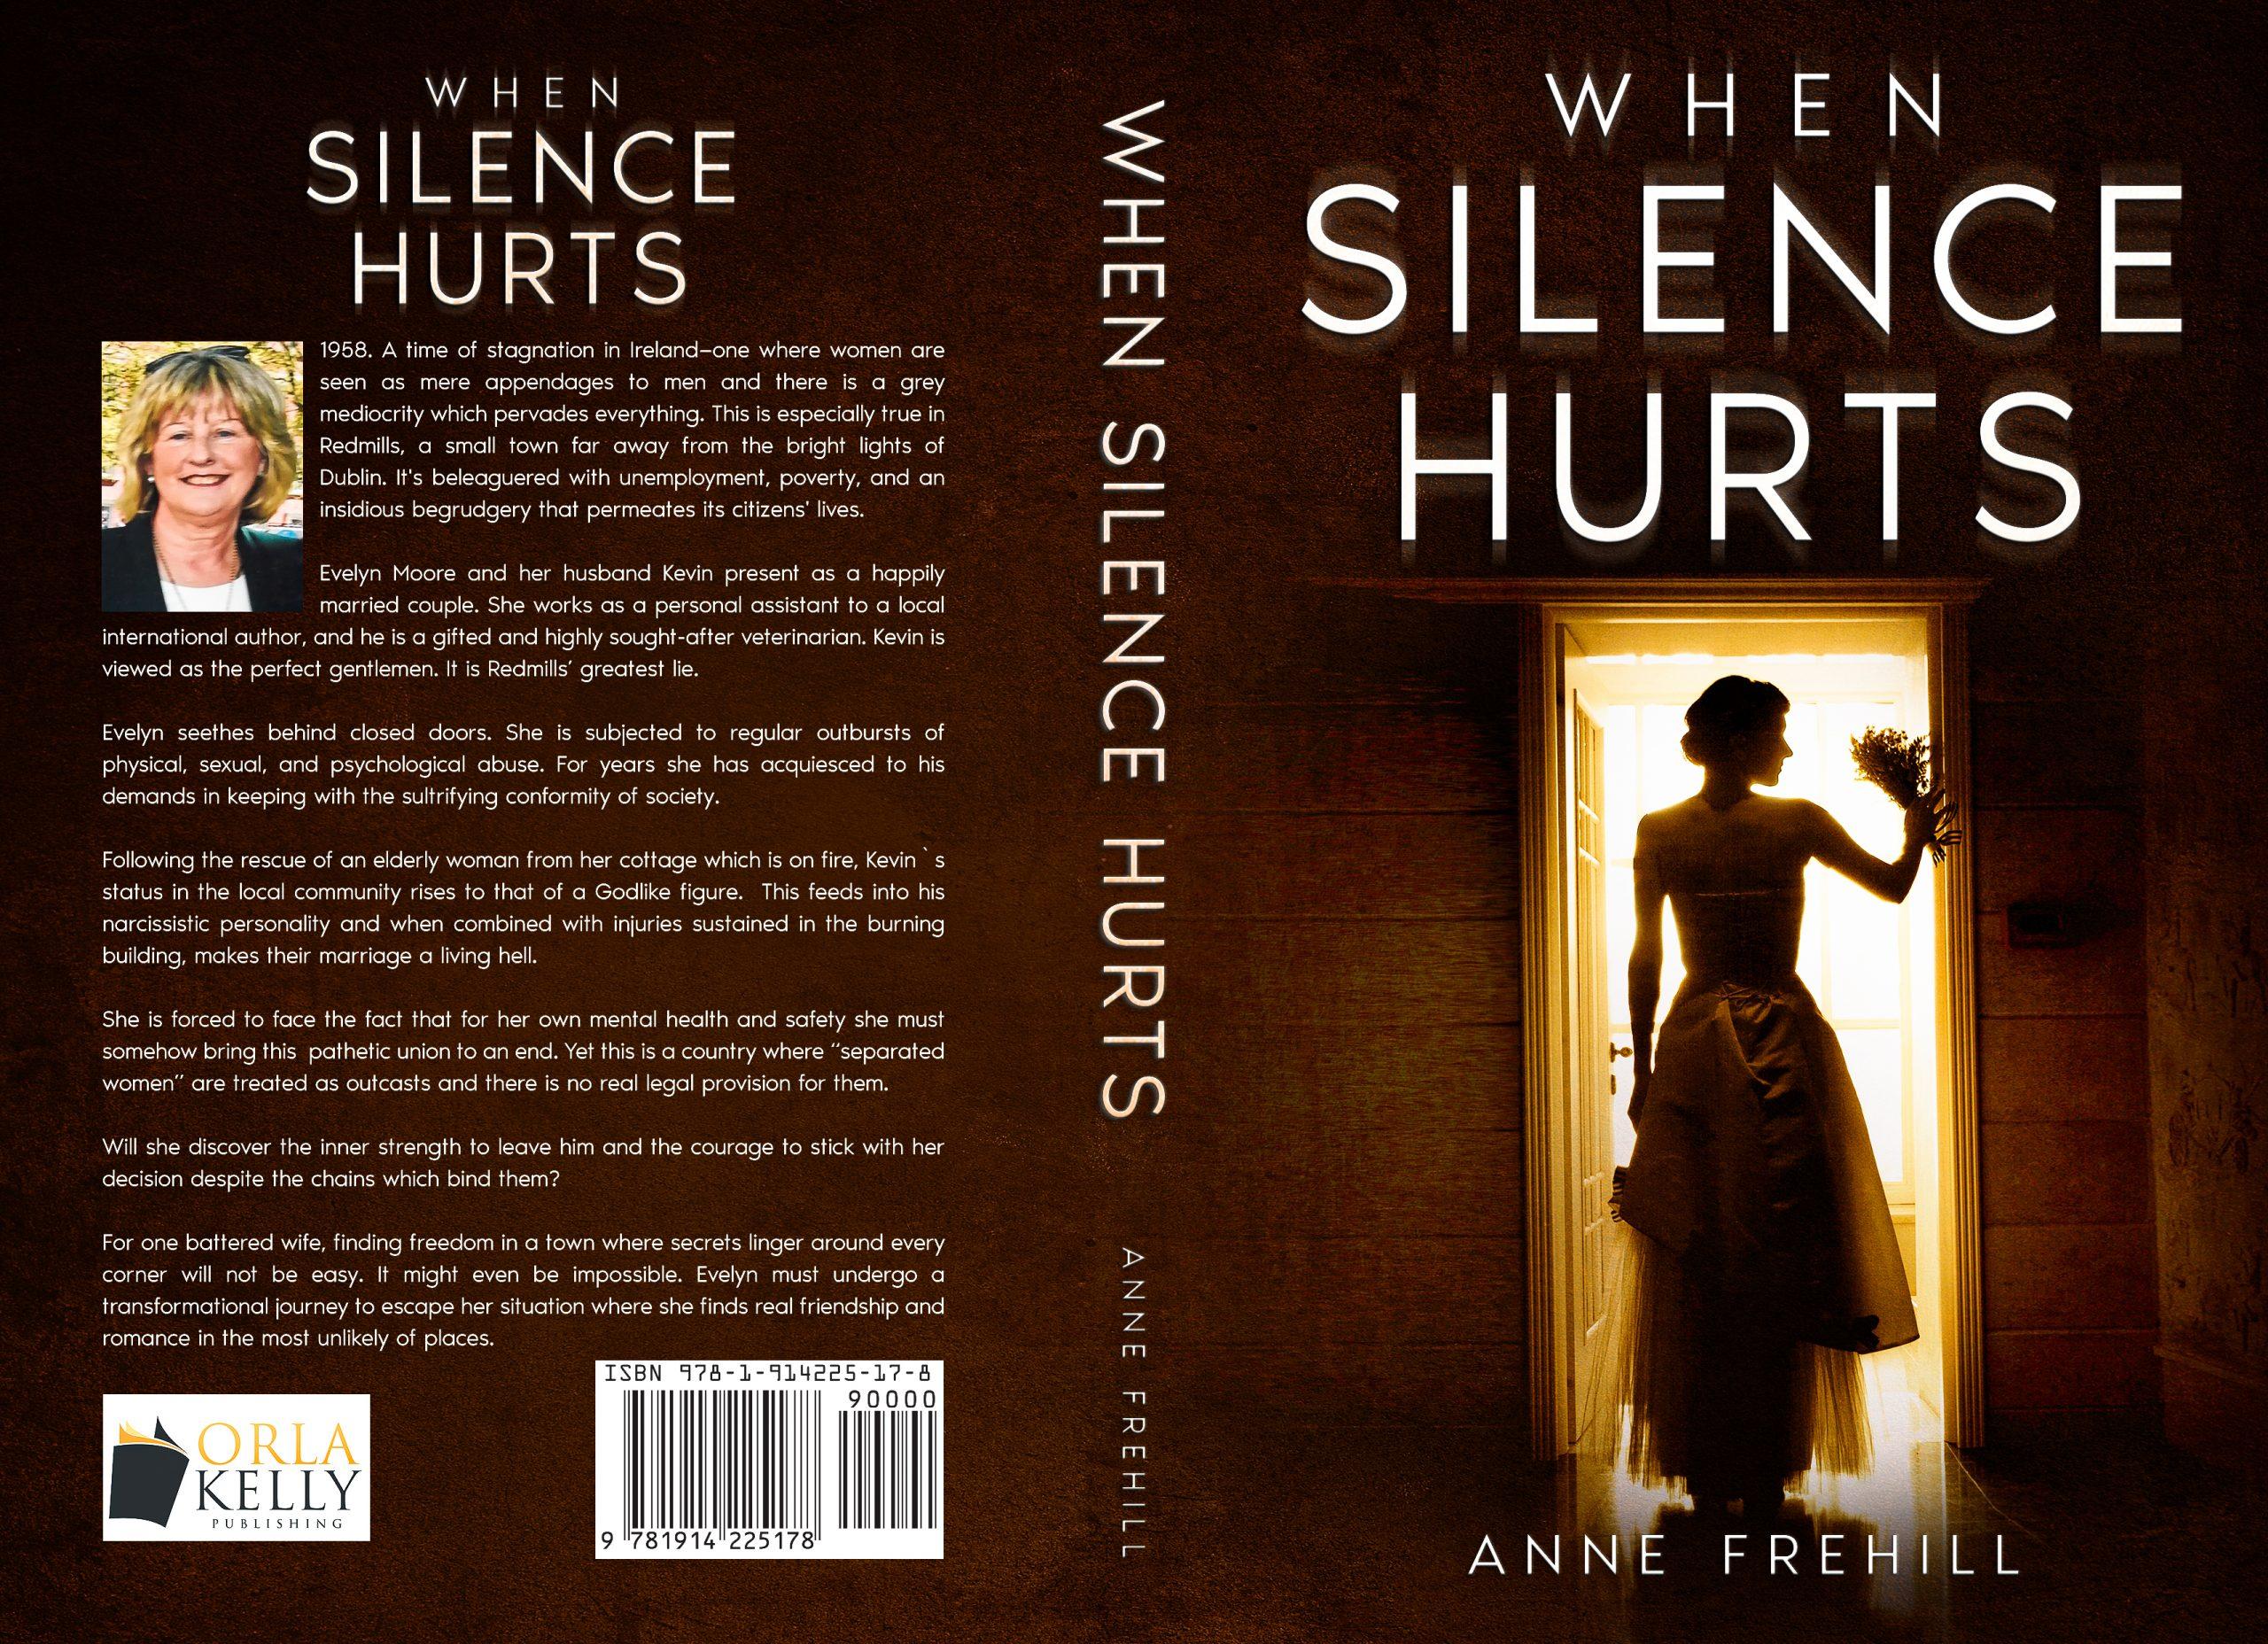 When Silence Hurts